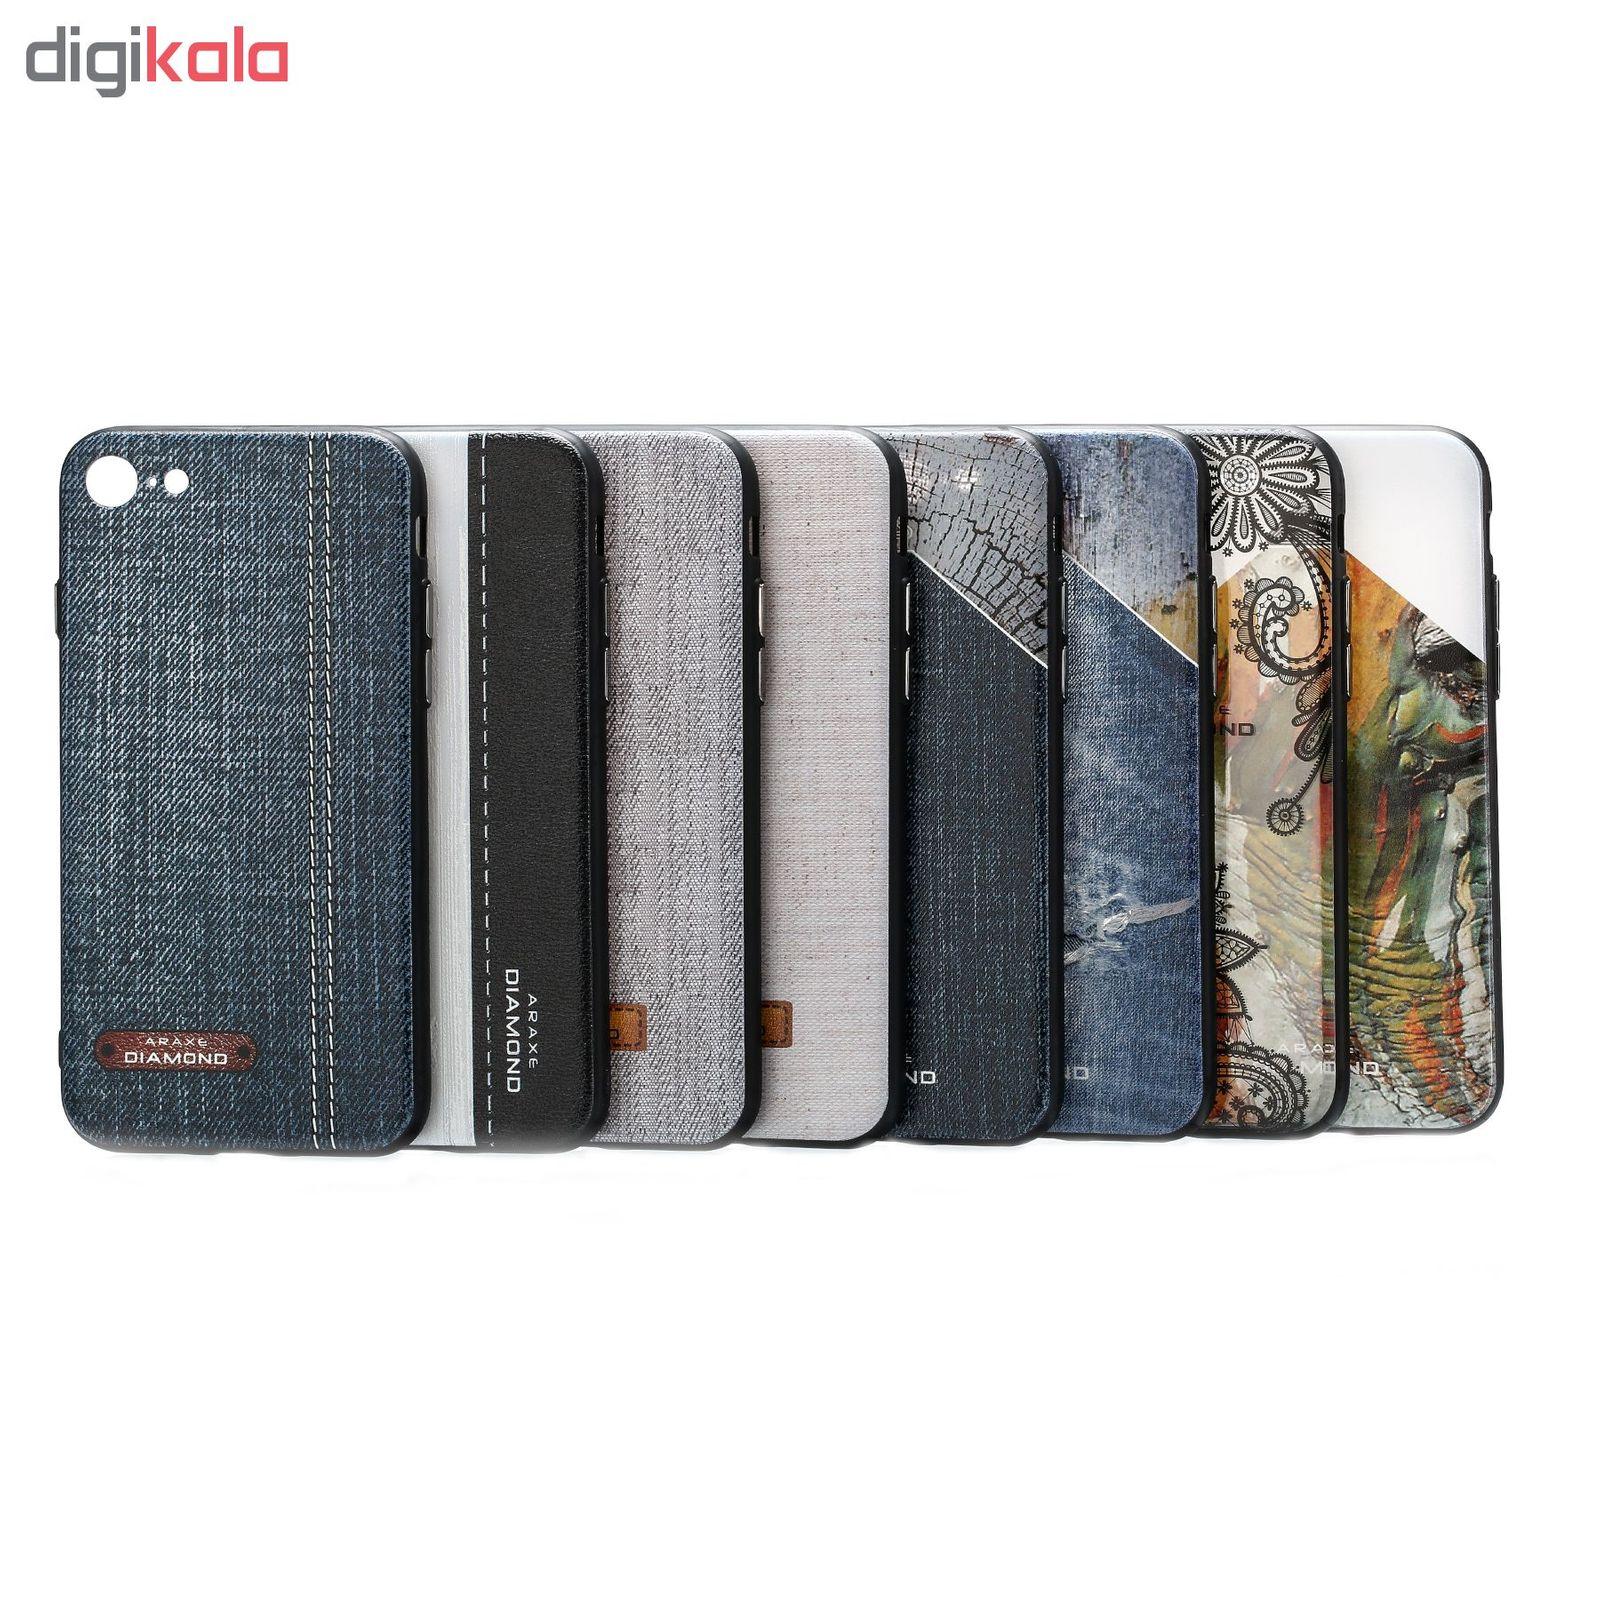 کاور دیاموند مدل  Tree Jeans مناسب برای گوشی موبایل آیفون 7 main 1 3